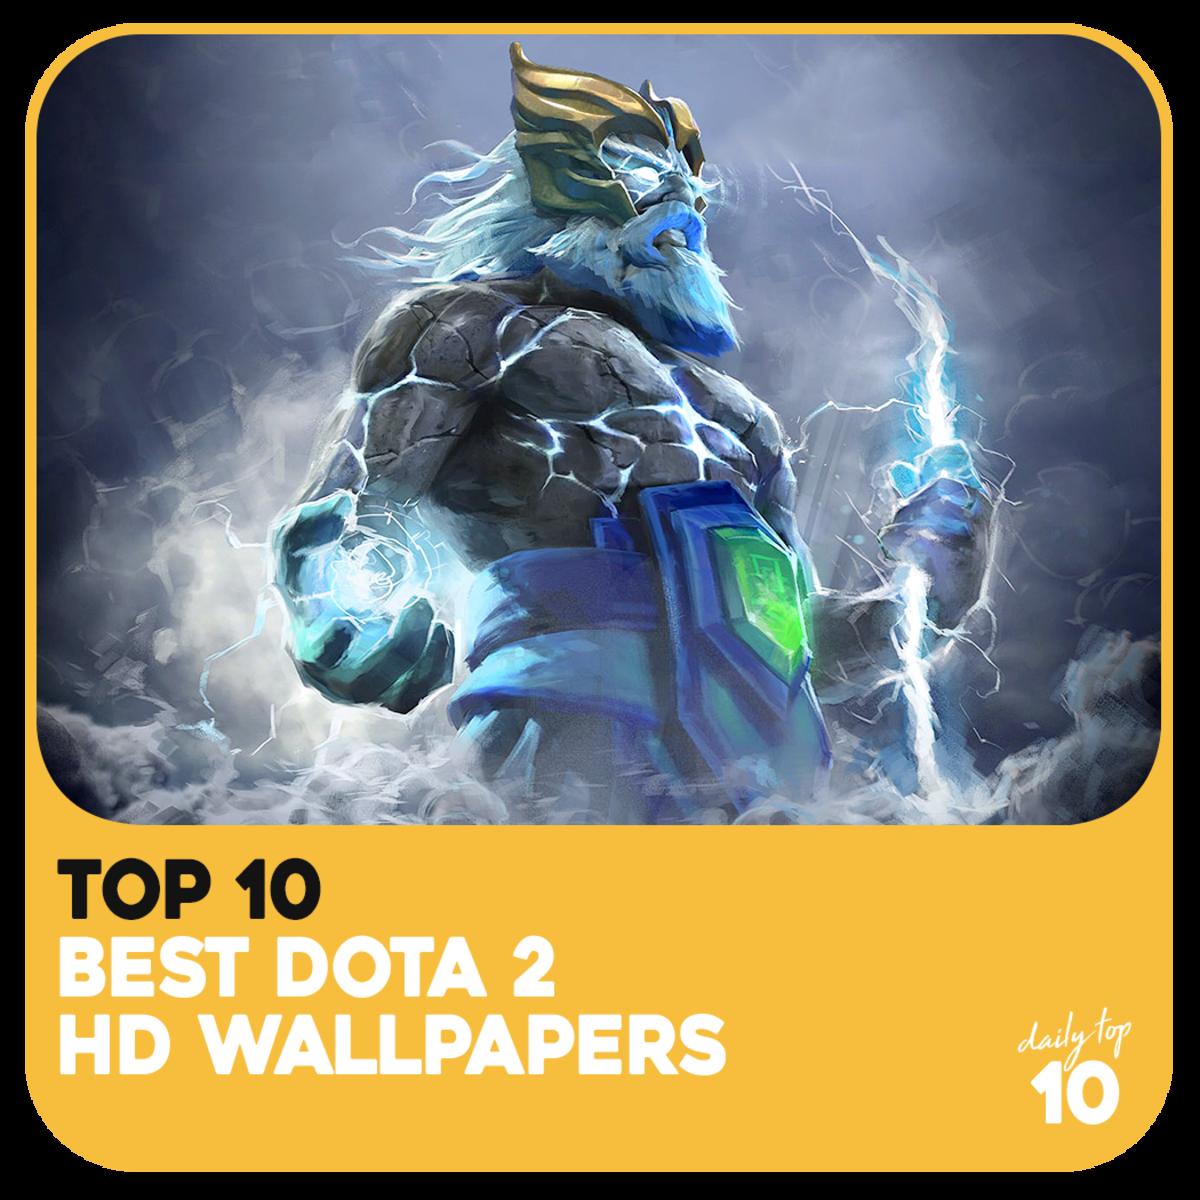 top-10-best-dota-wallpapers-hd